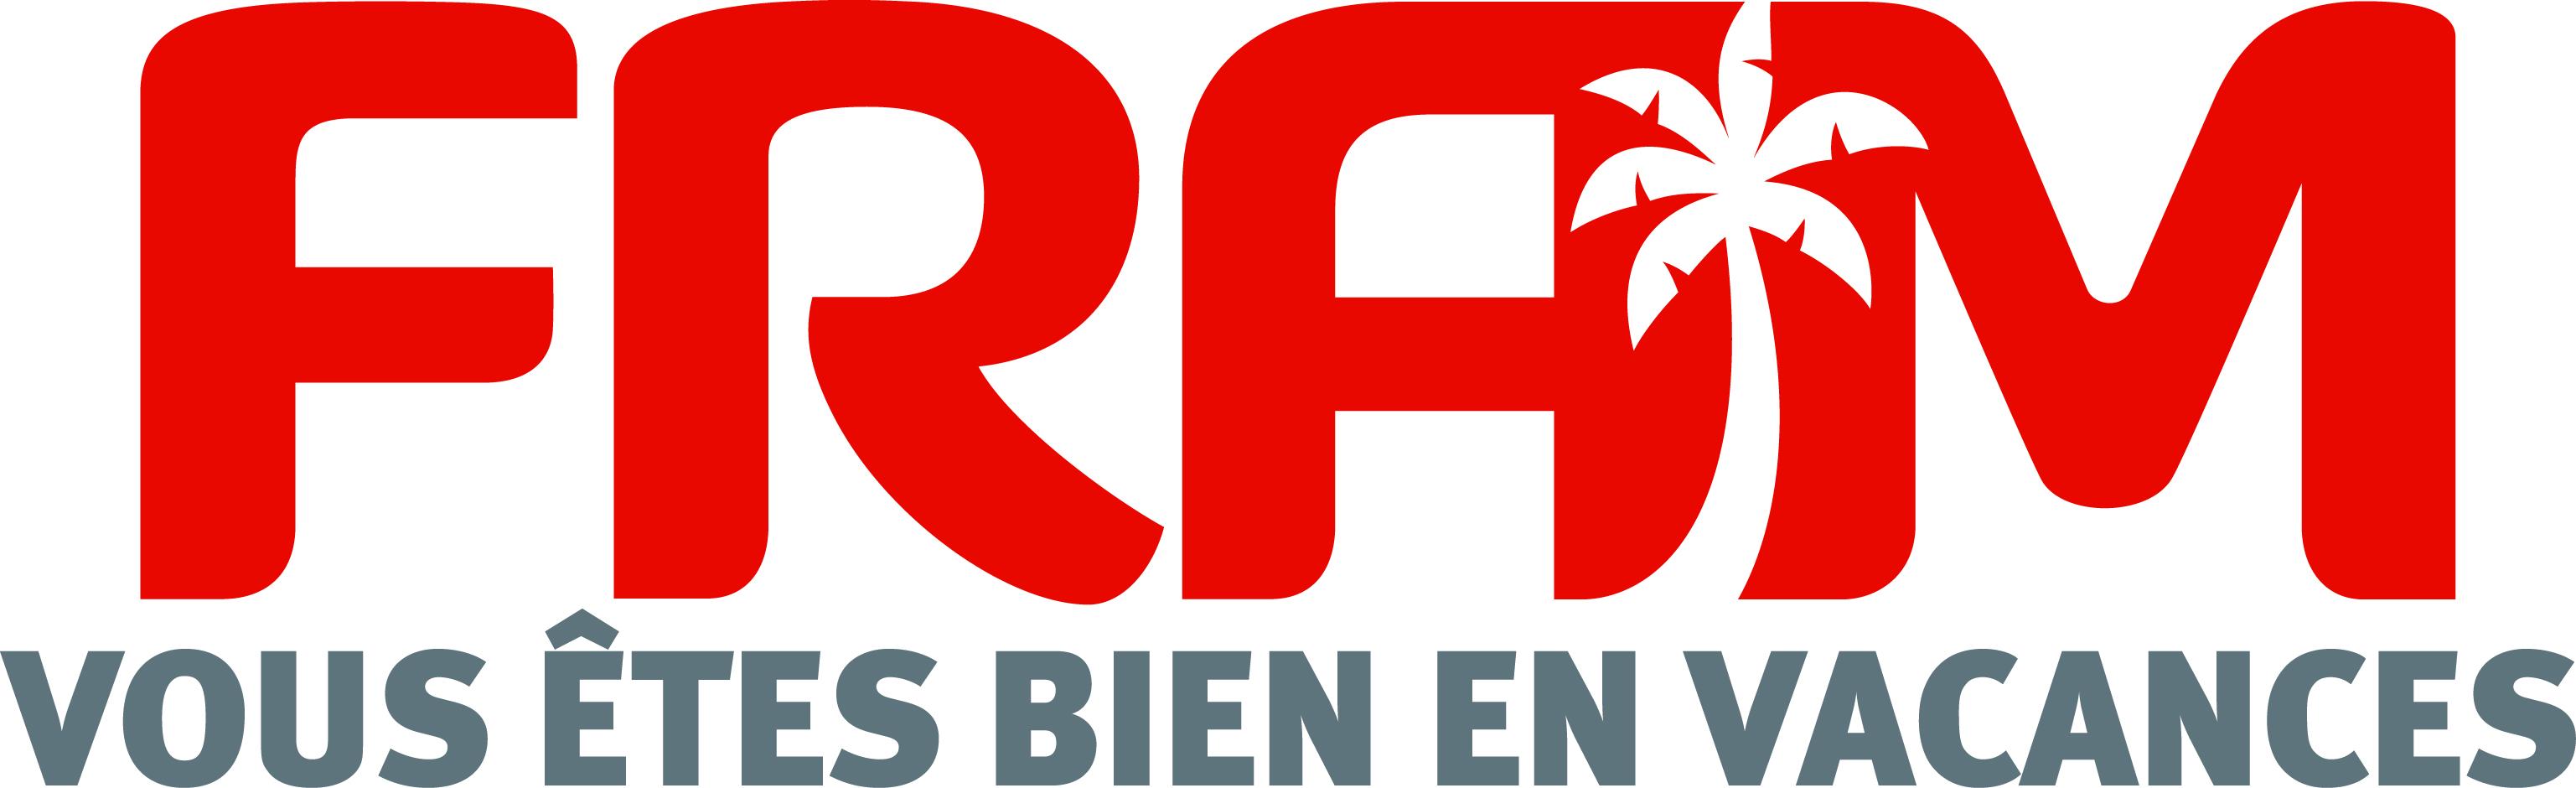 Logo fram for Agence chez vous